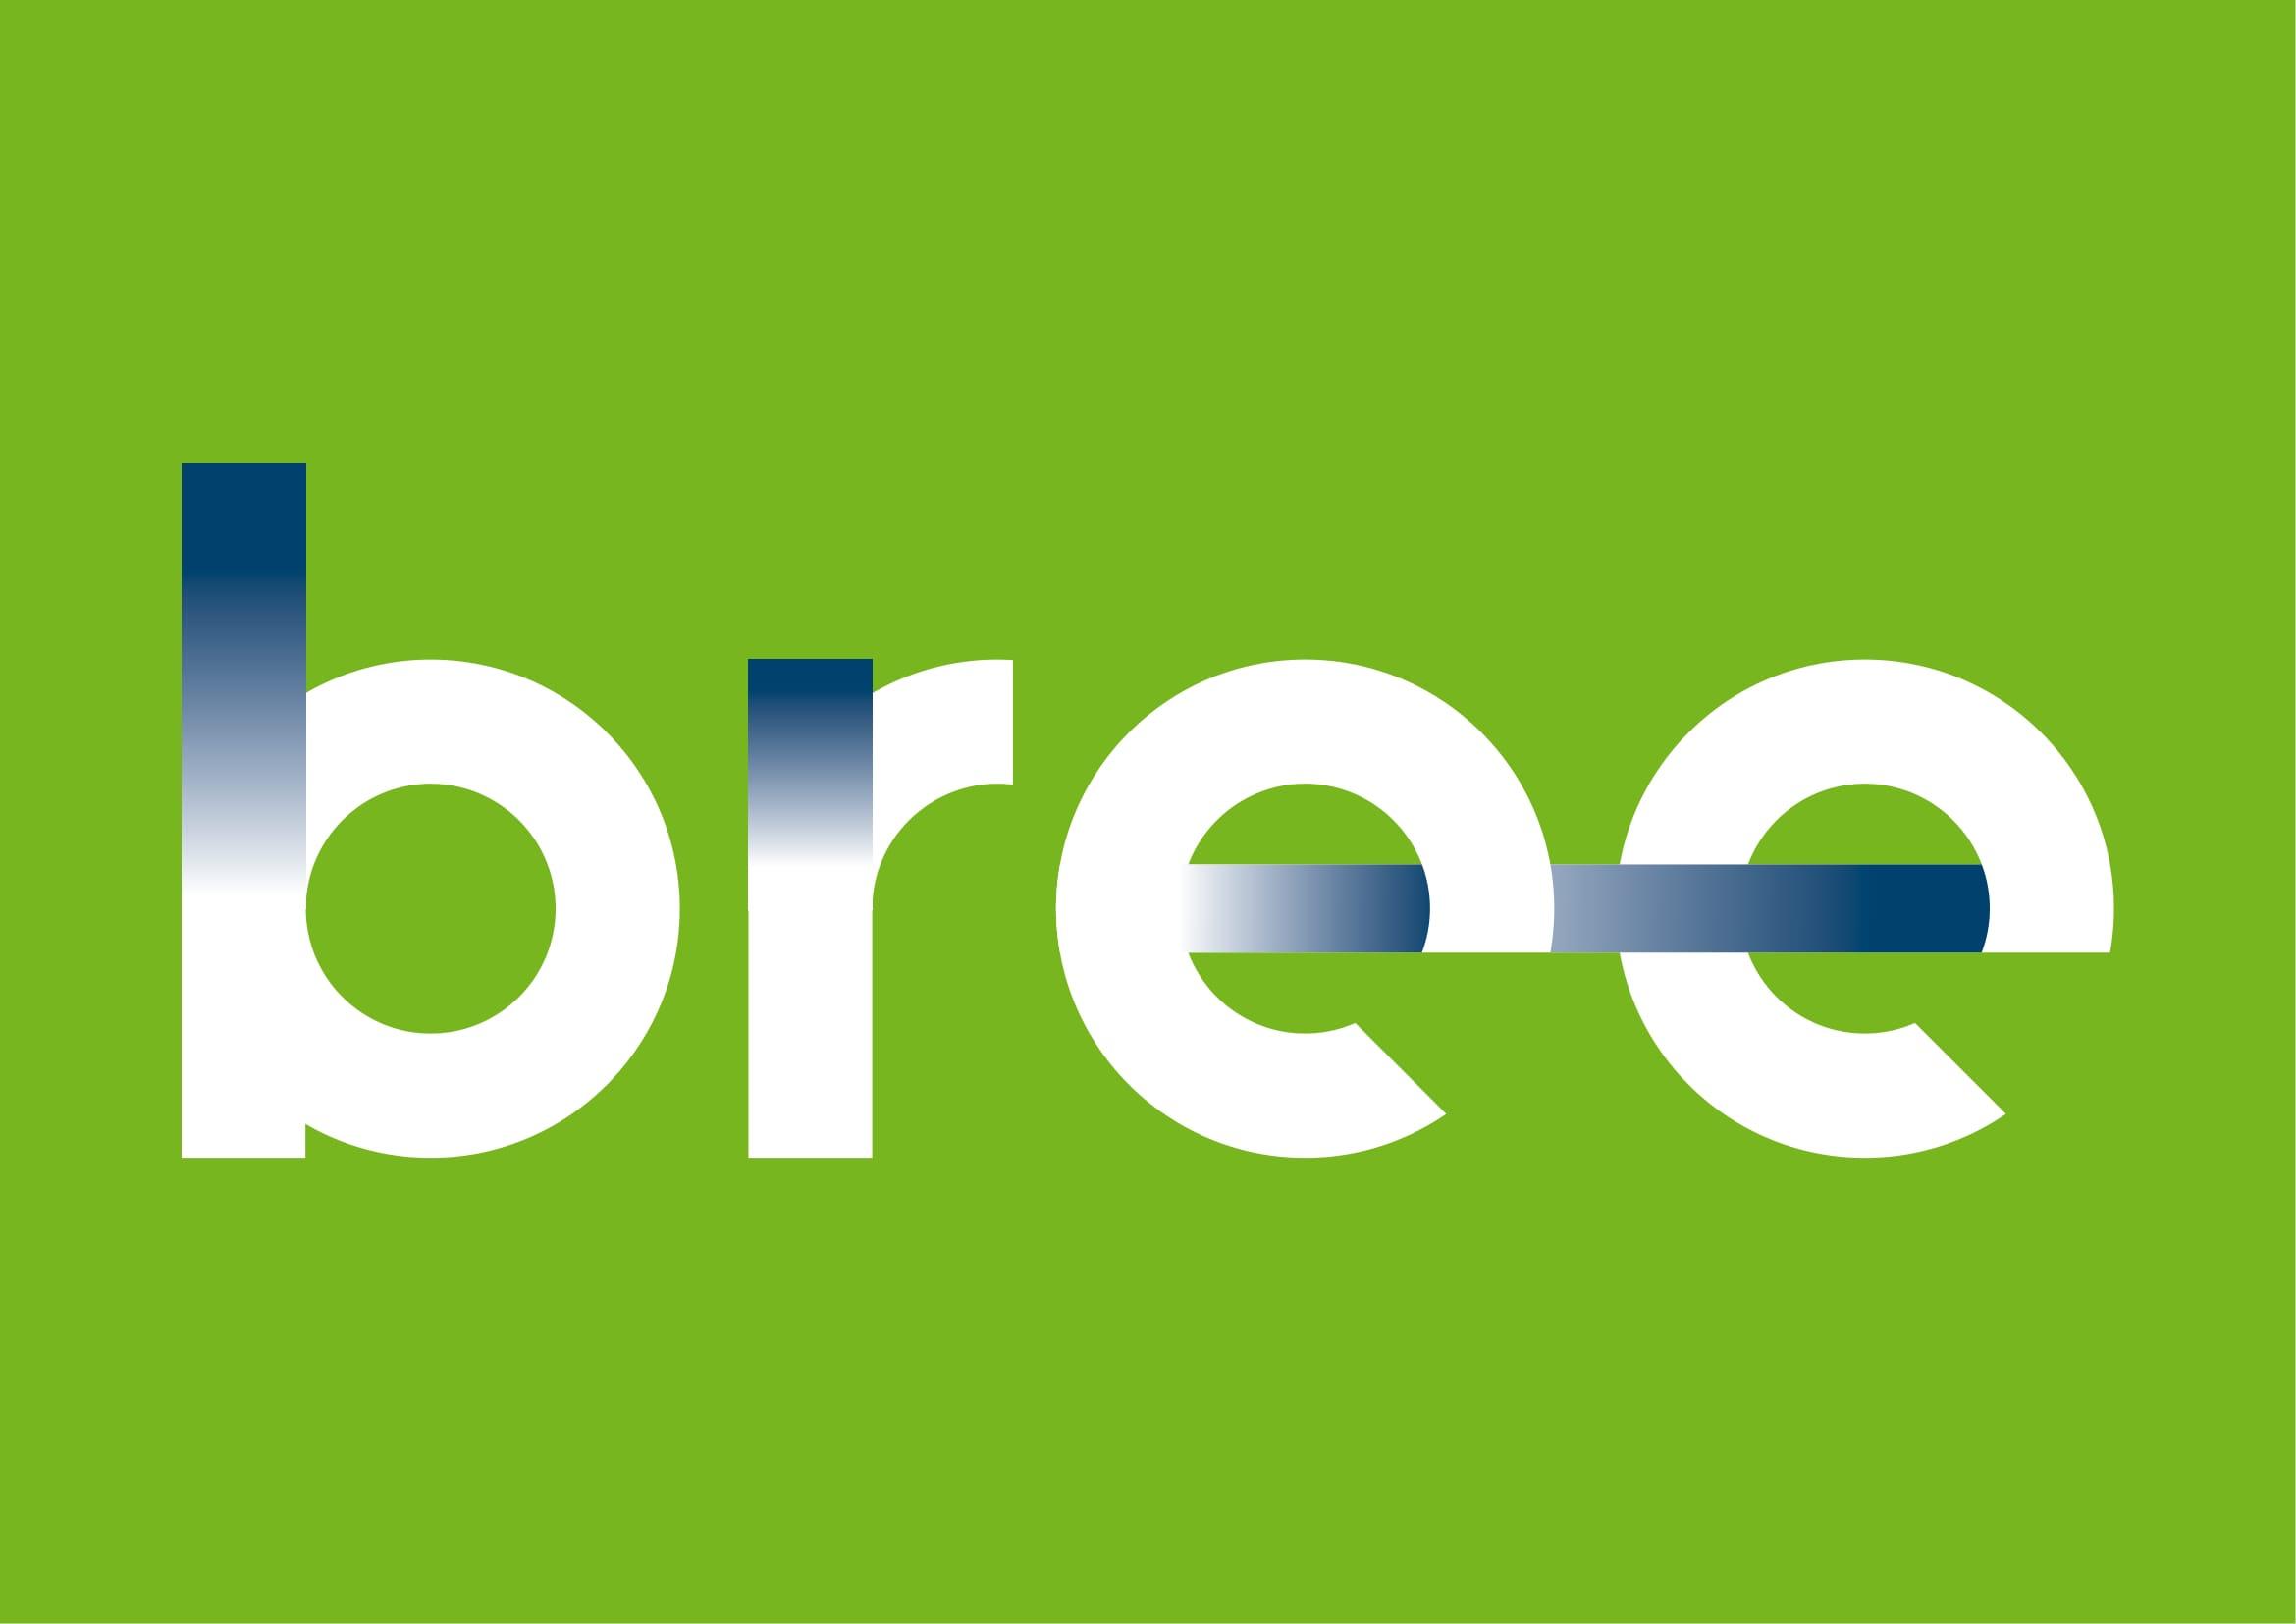 Bree_principal-PANTONE-invert_verde-1